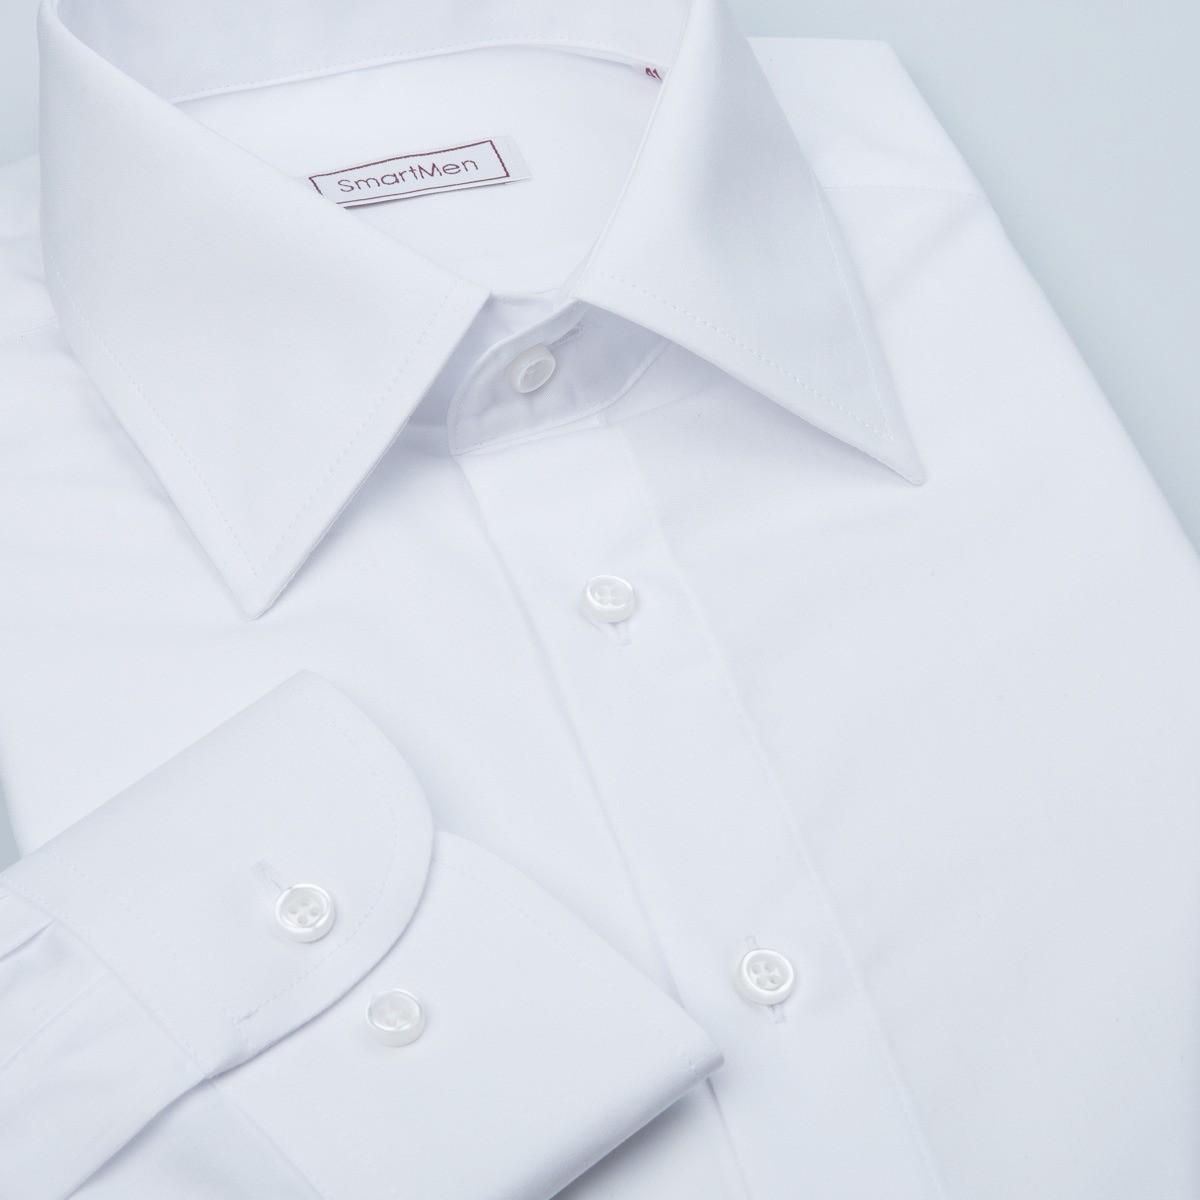 66dc10a5ec9 Čistě bílá košile pánská dlouhý rukáv Non Iron